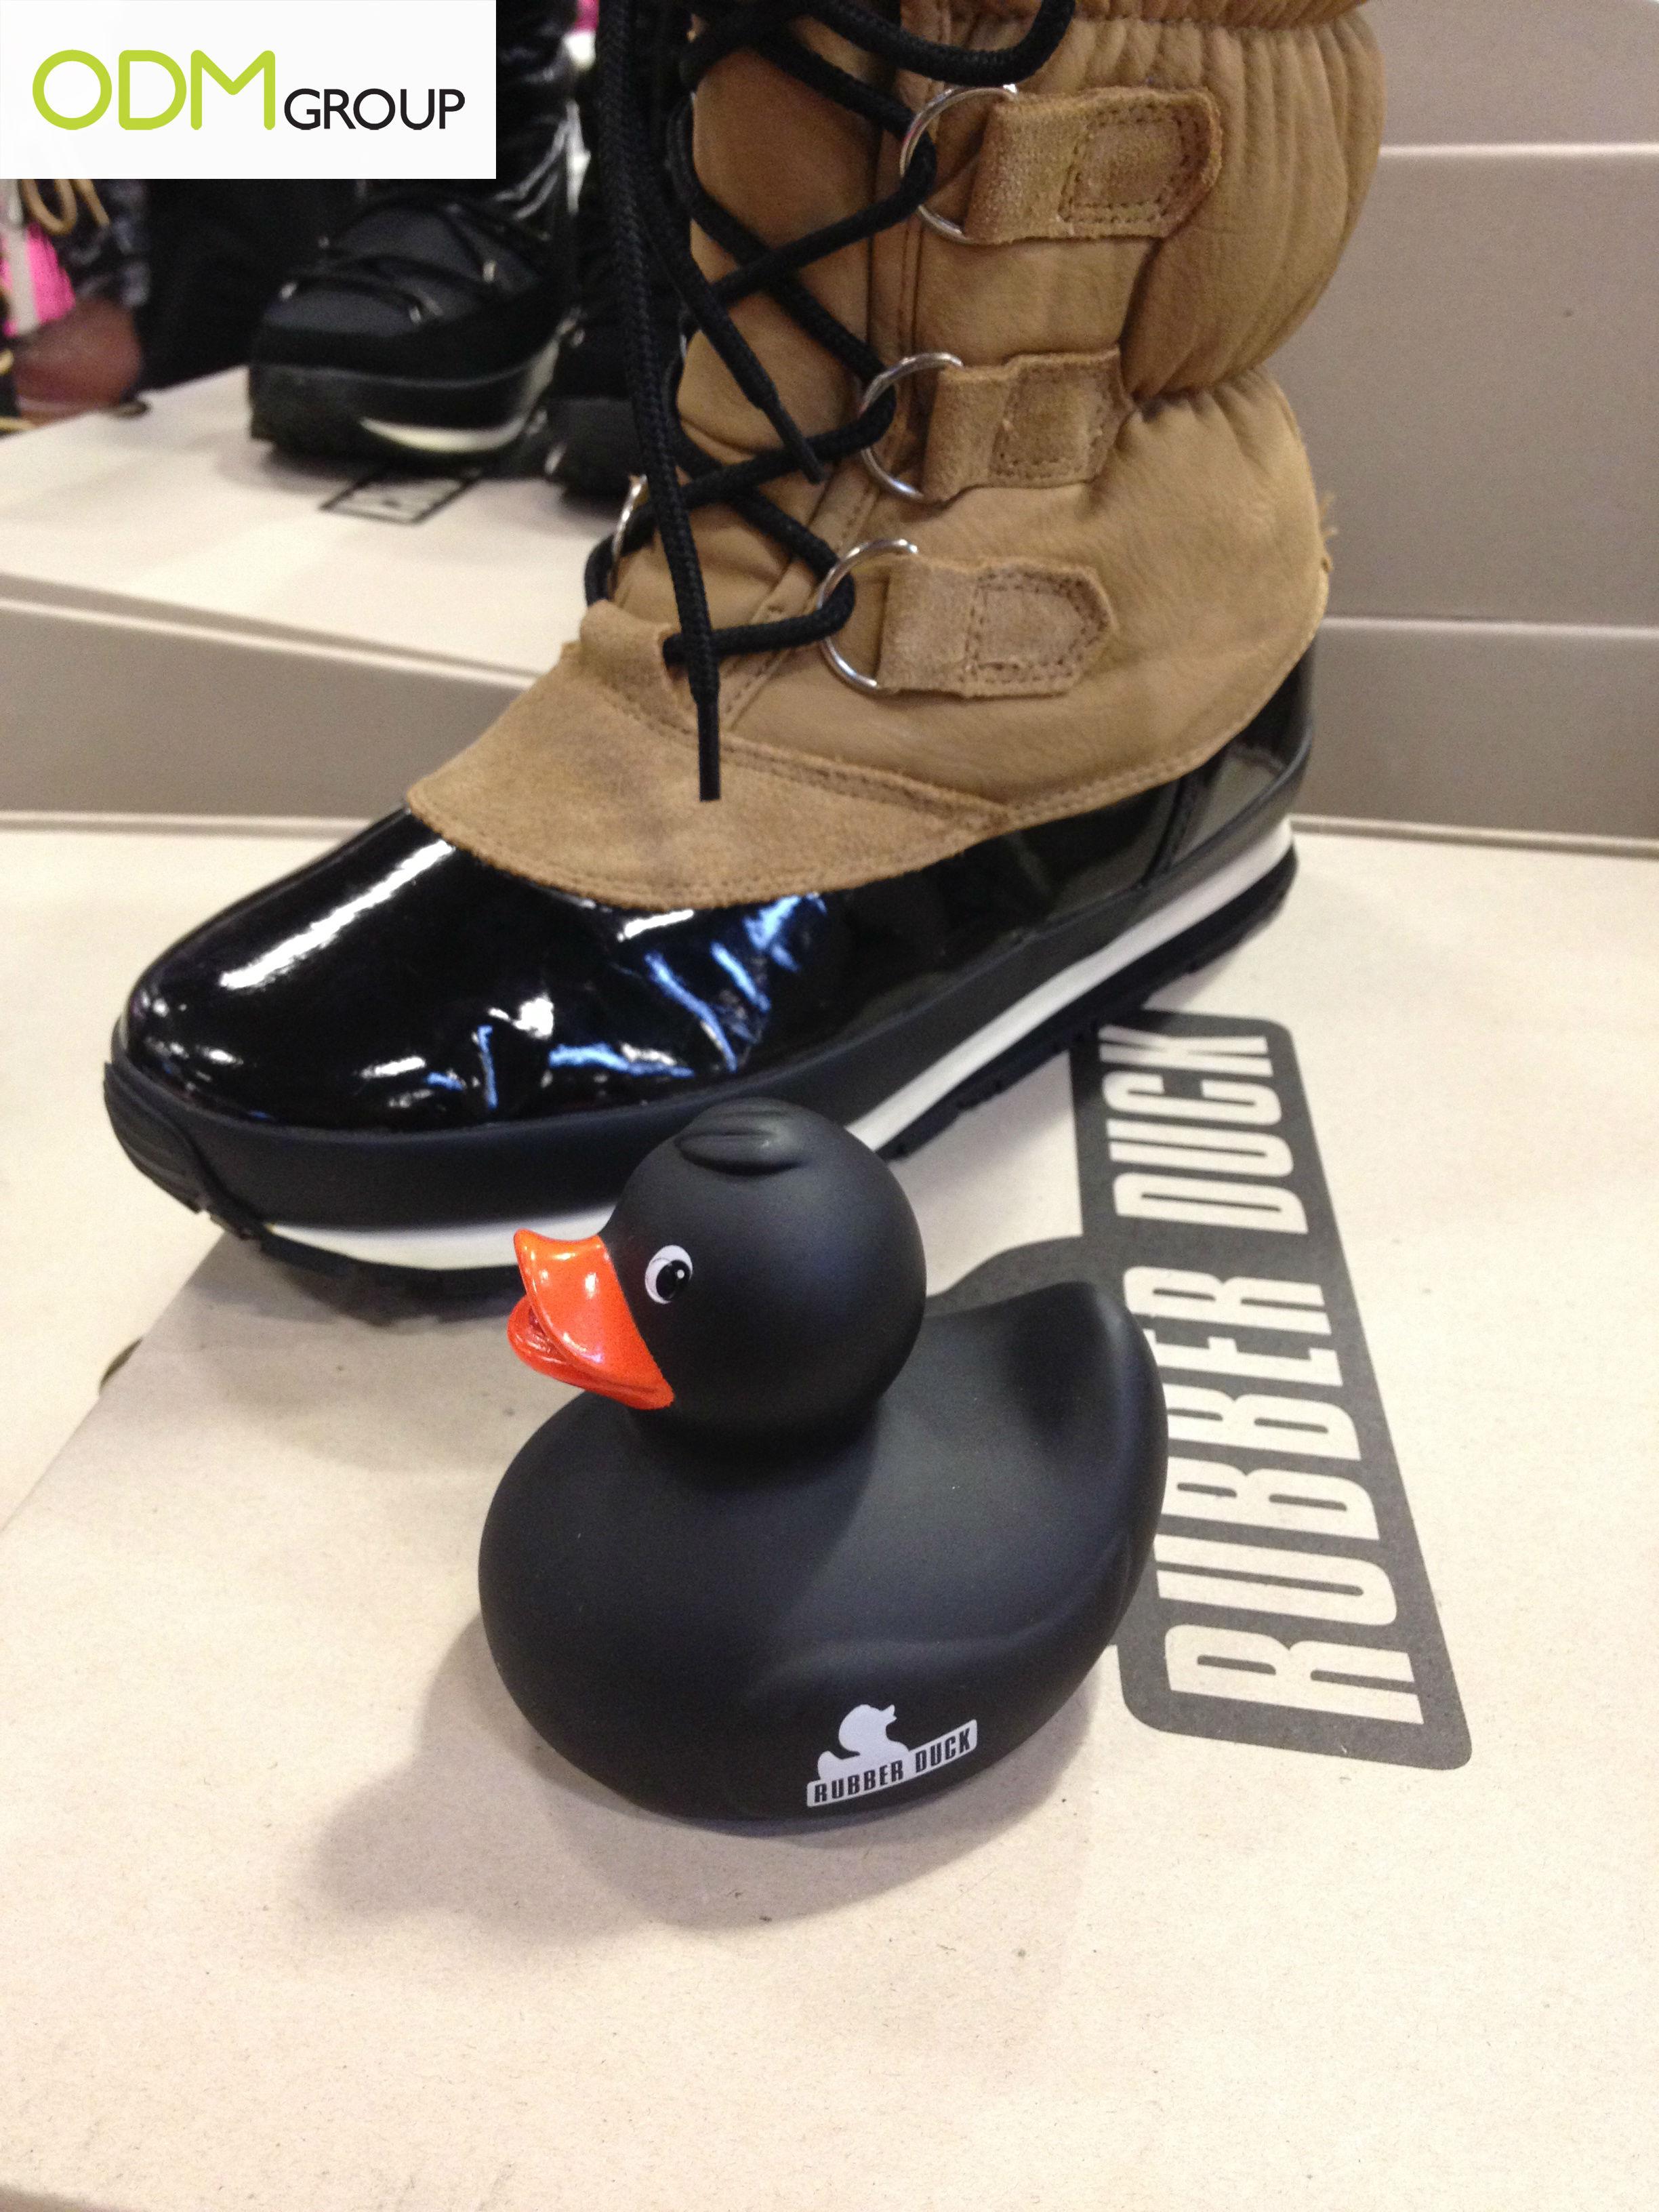 Rubber Duck Promotion - Denmark